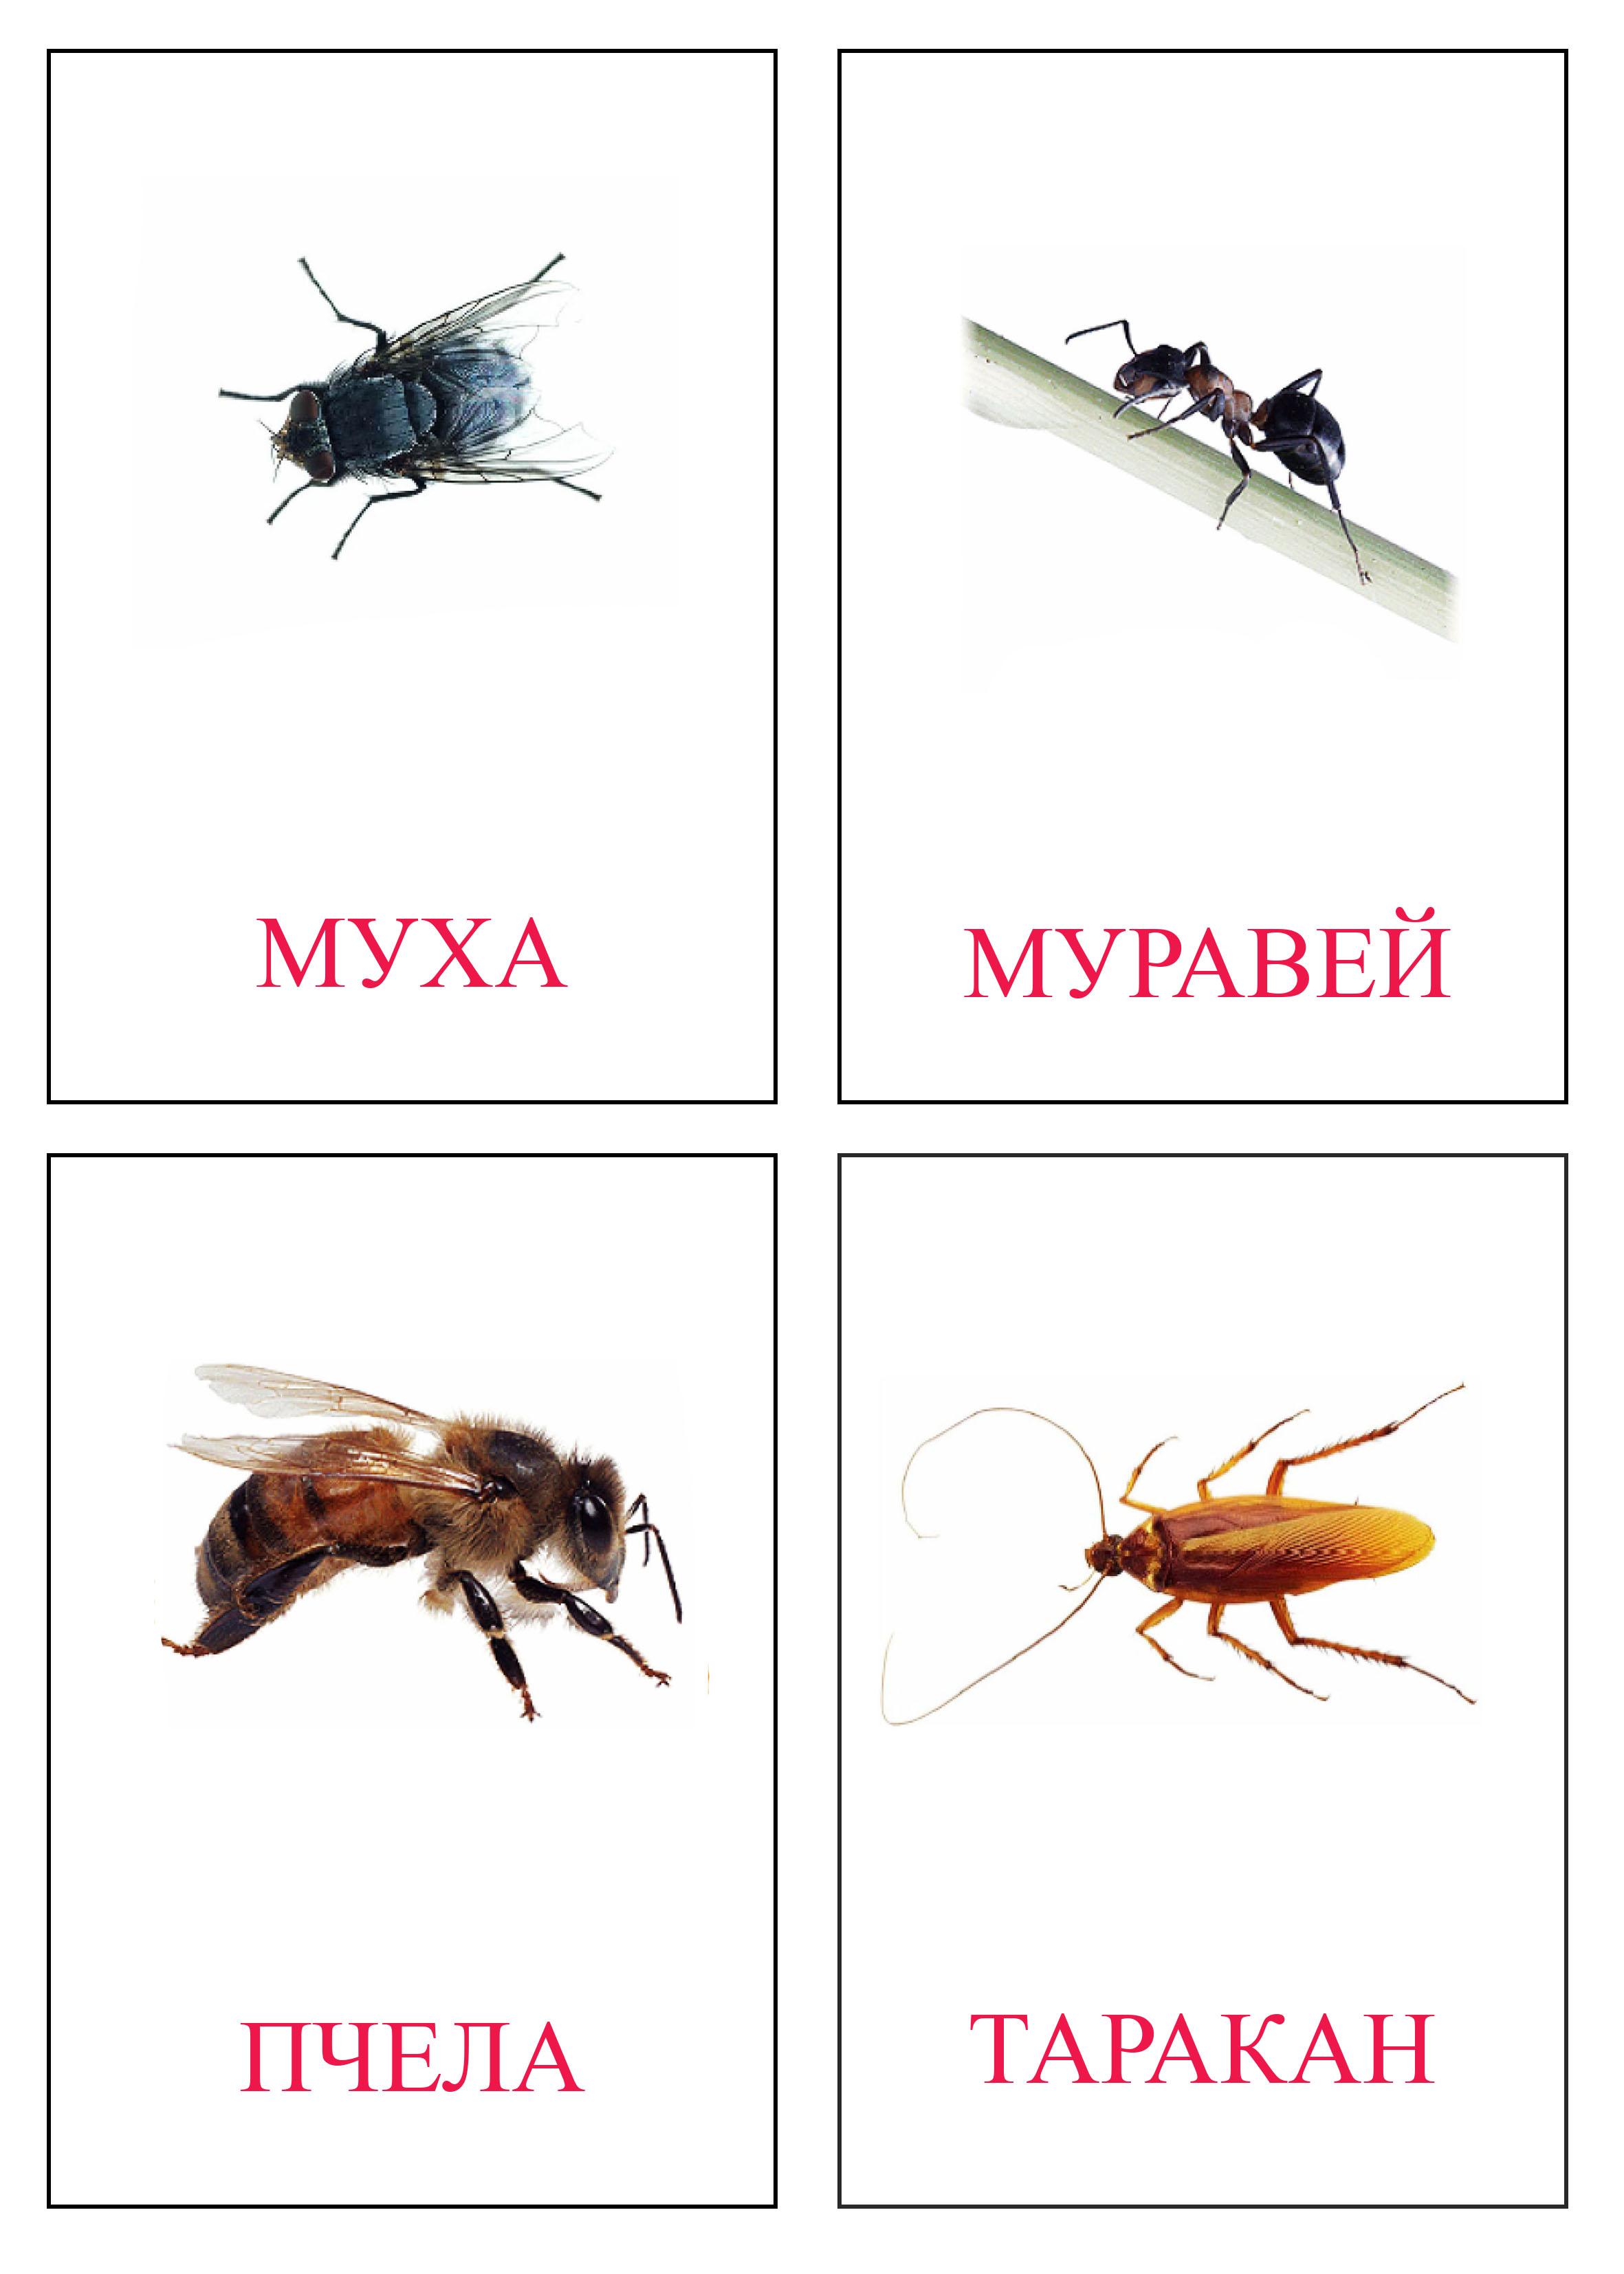 Карточки насекомые Карточки насекомые для занятий в старших группах детского сада. Карточки насекомые для любознательных. Карточки домана насекомые